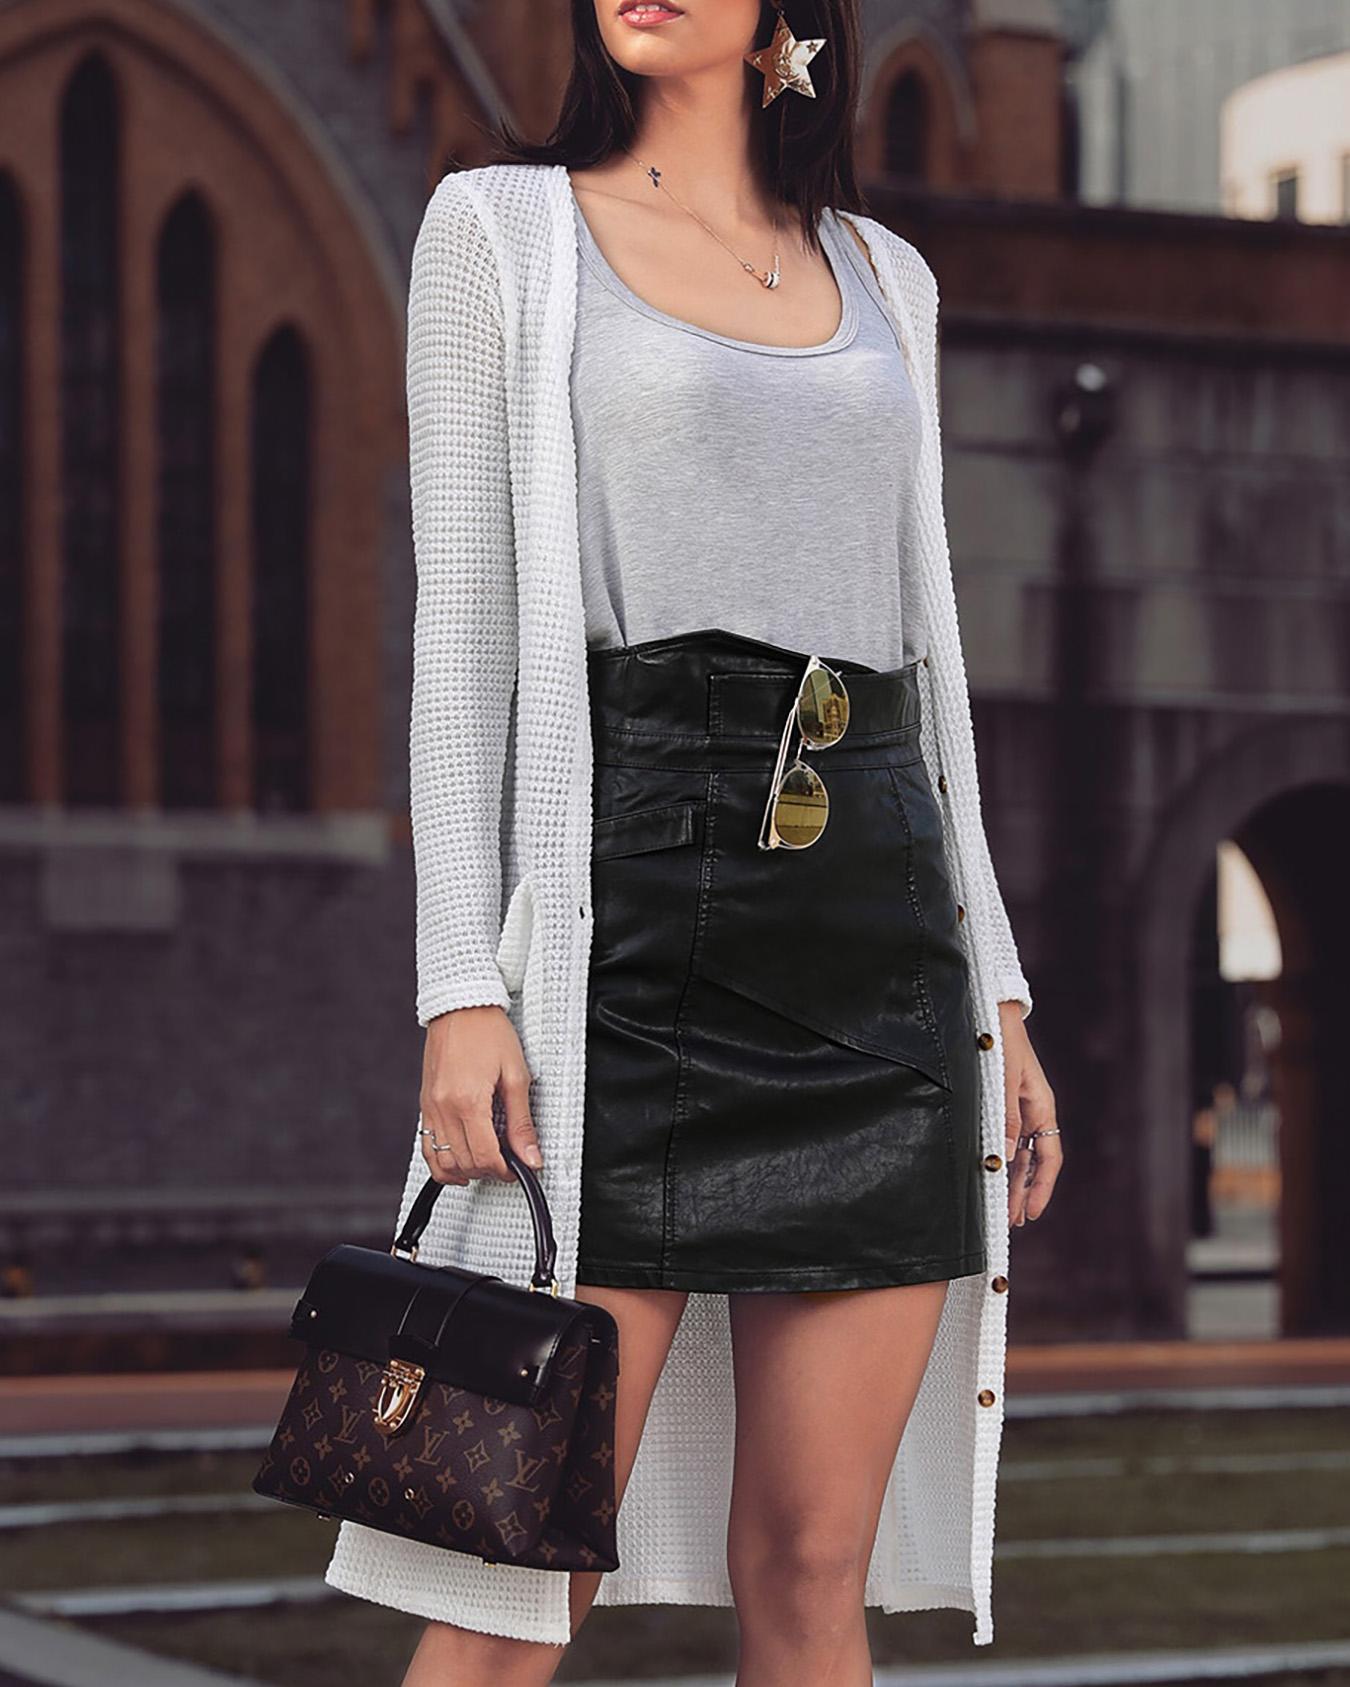 boutiquefeel / Abrigo largo con diseño de bolsillo abierto y bolsillo abierto